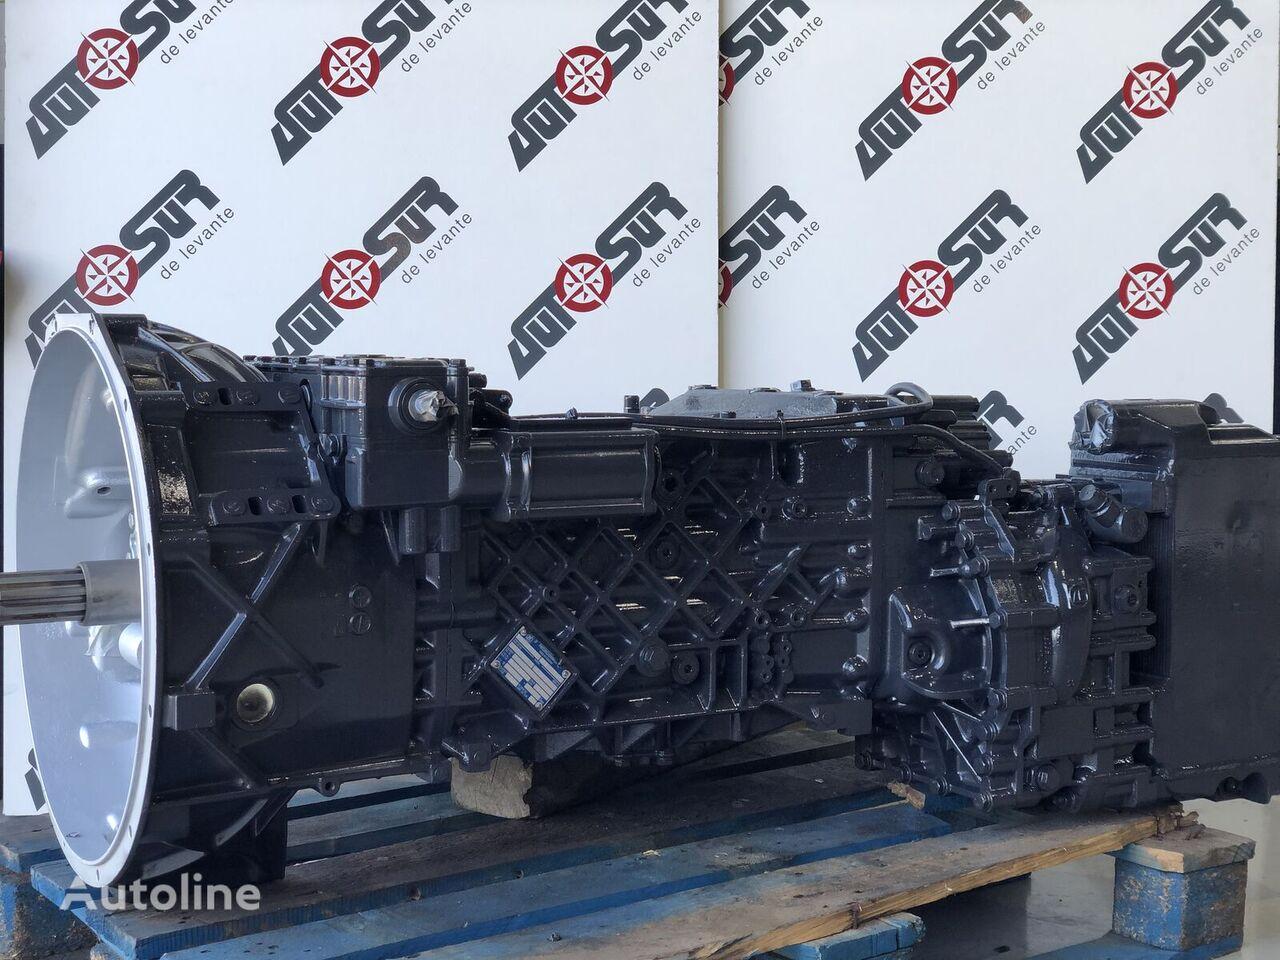 КПП ZF 1342051002 (81.32003-6675) для грузовика